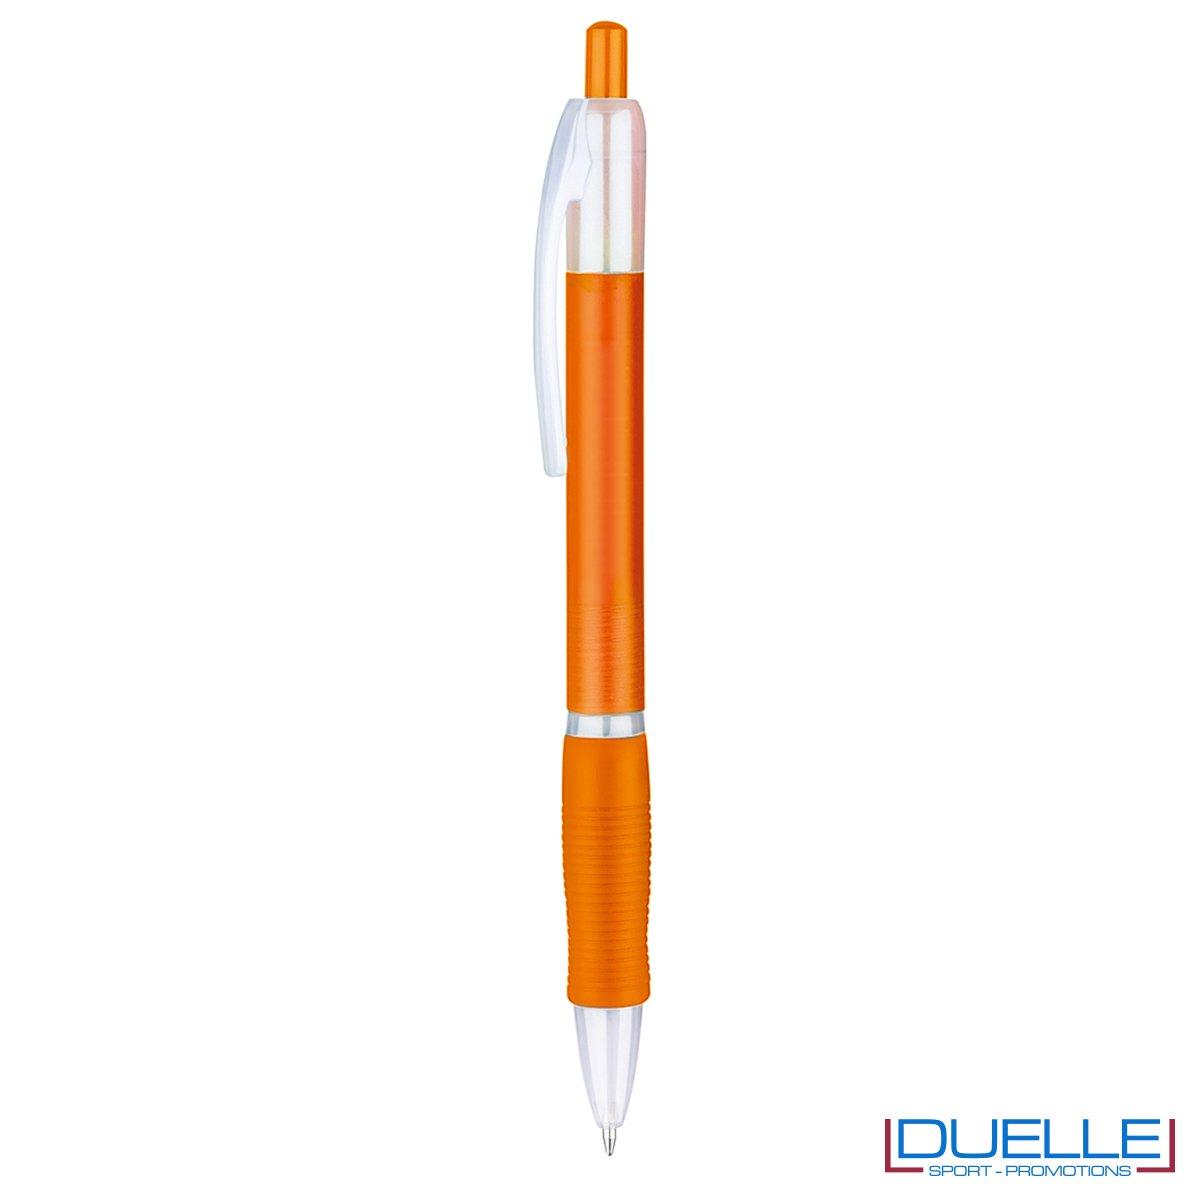 penna personalizzabile economica in colore arancione fusto frost, offerta penne economiche personalizzabili in colore arancione fusto frost